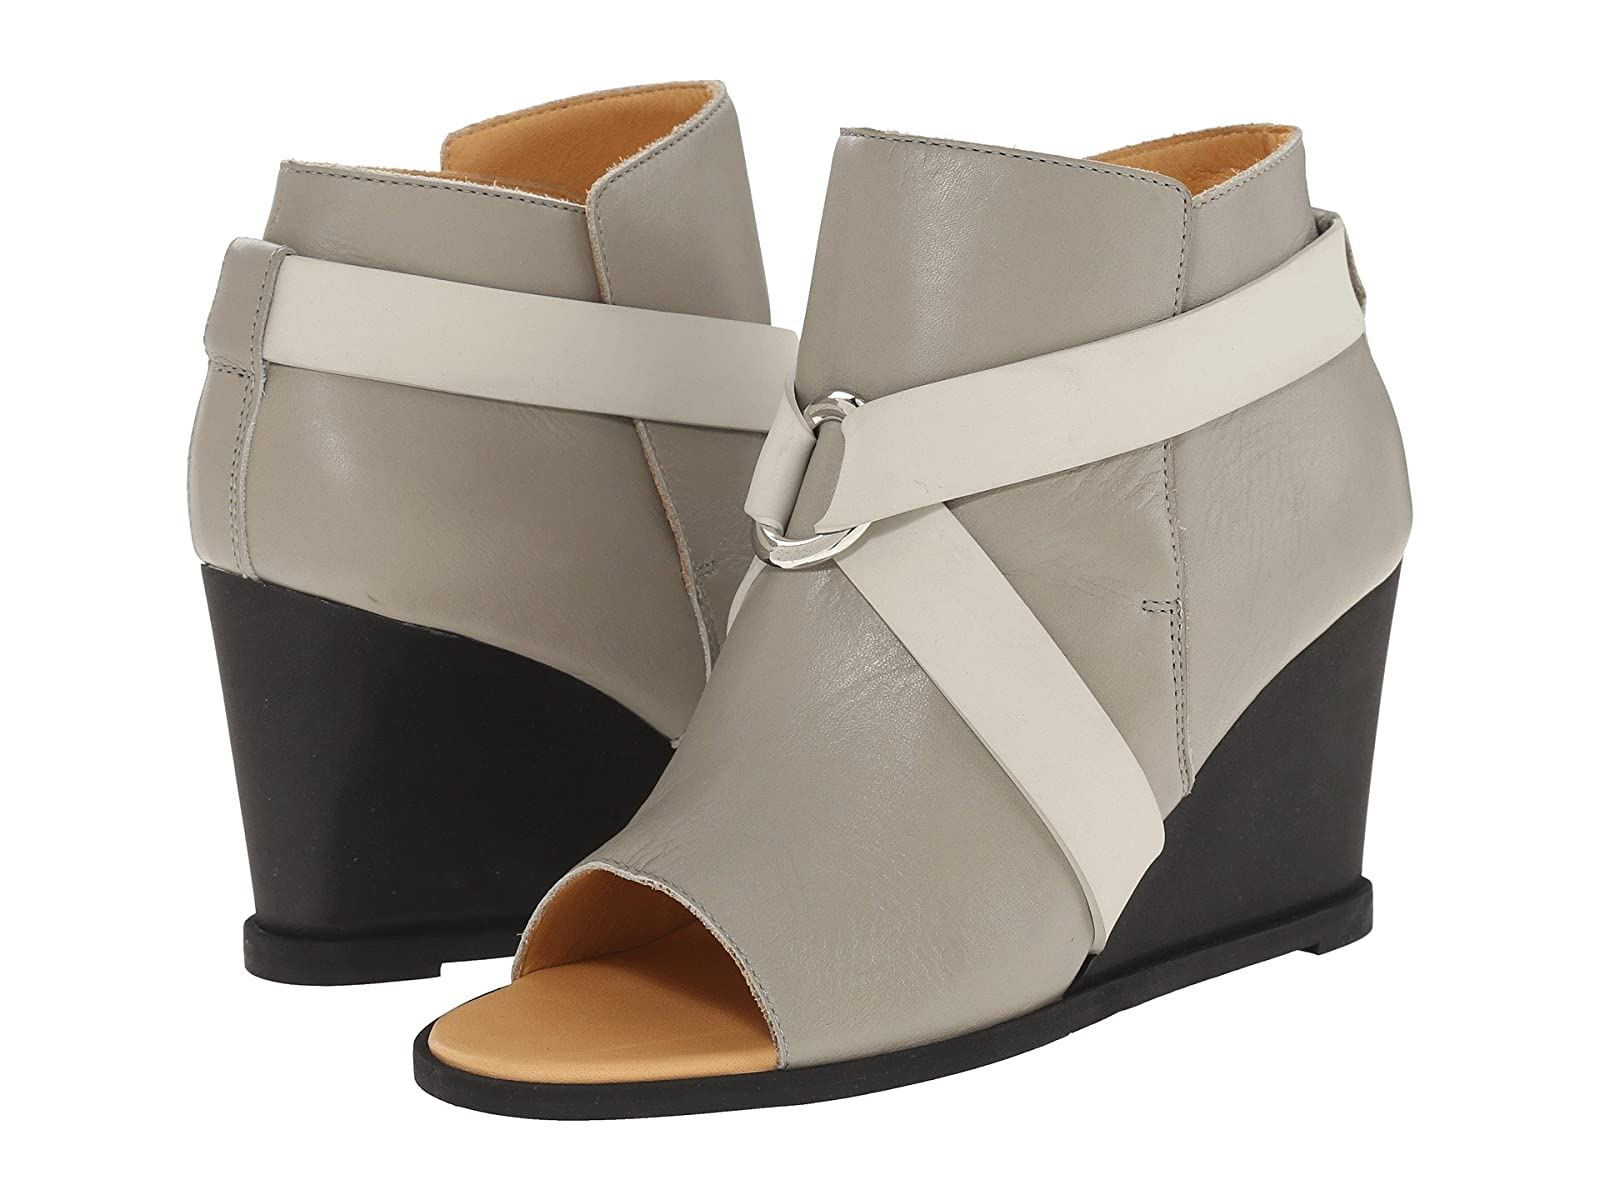 MM6 Maison Margiela Open Toe Crisscross BootieCheap and distinctive eye-catching shoes